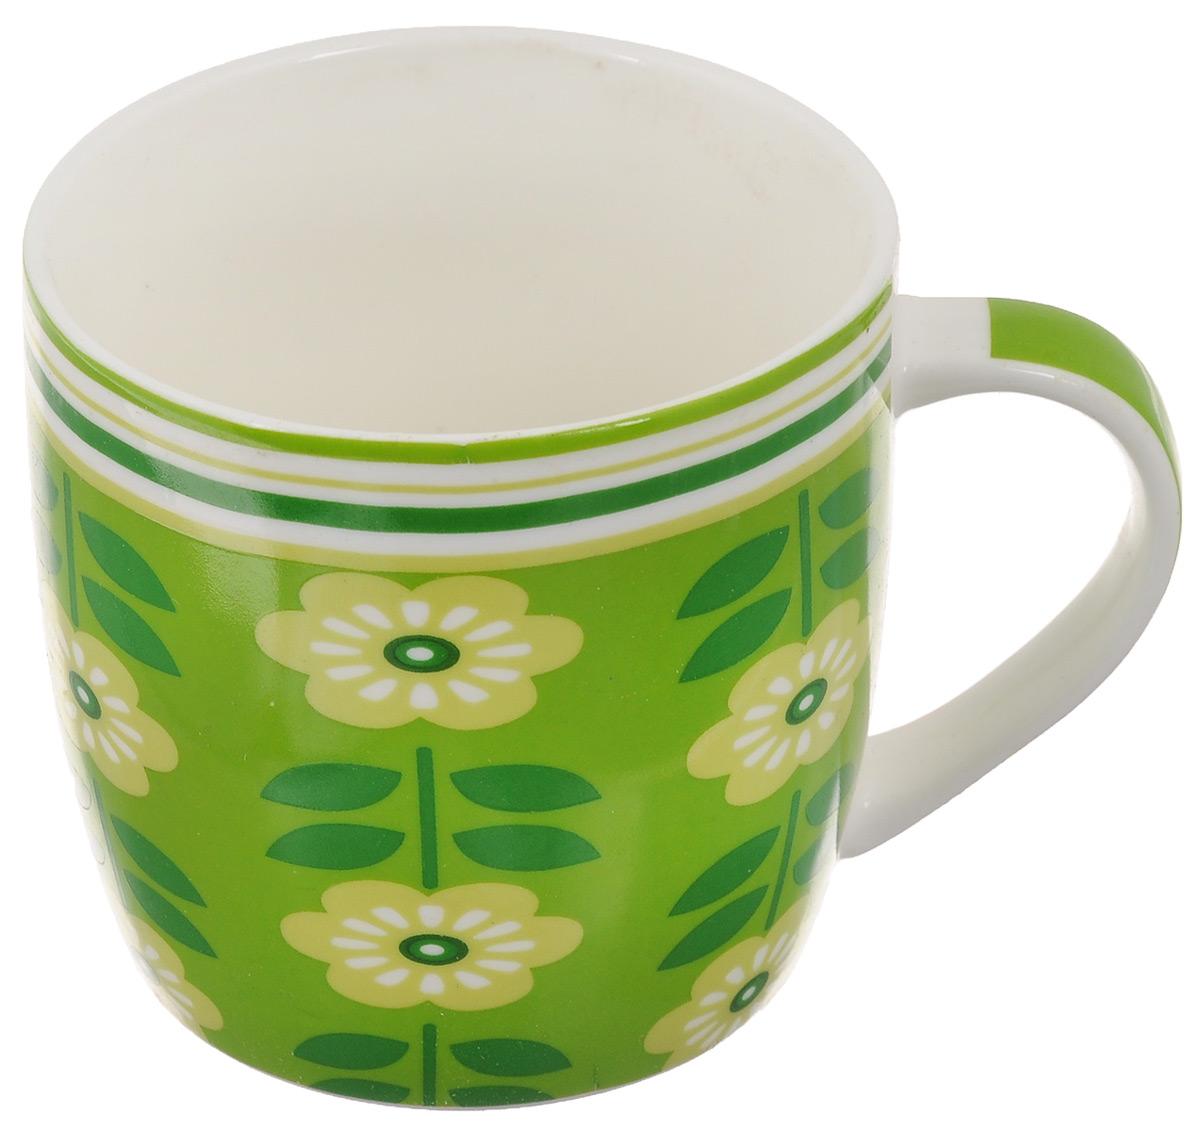 Кружка Loraine Цветы, цвет: зеленый, салатовый, белый, 320 мл24474Оригинальная кружка Loraine Цветы выполнена из костяного фарфора иоформлена красочным изображением. Она станет отличным дополнением ксервировке семейного стола и замечательным подарком для ваших родных идрузей. Диаметр кружки (по верхнему краю): 8,5 см. Высота кружки: 8,4 см.